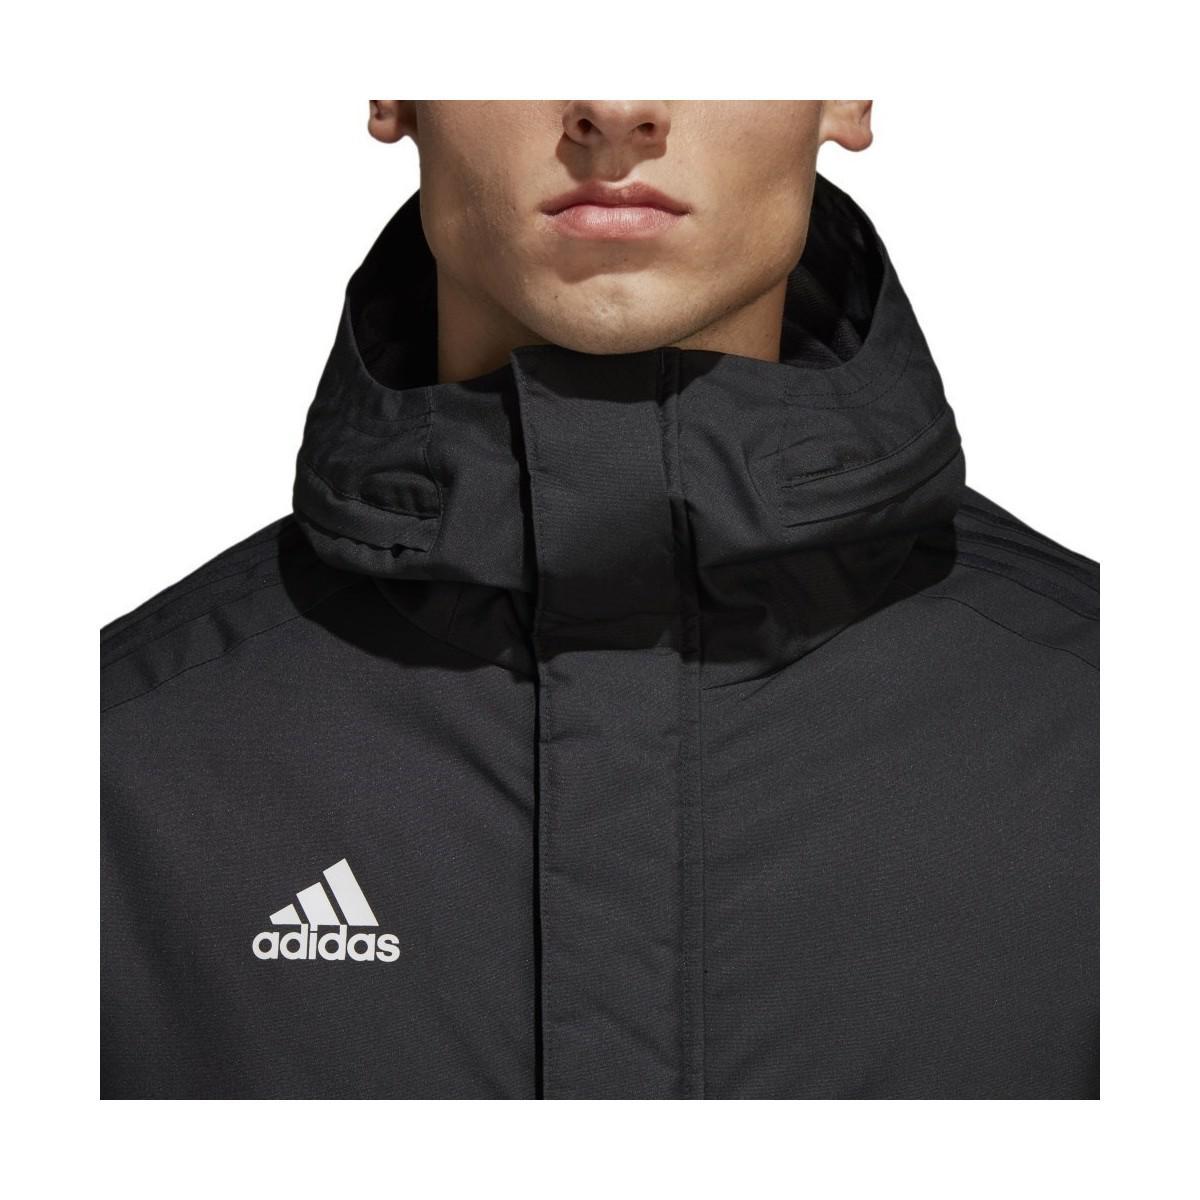 7314e9e571f adidas Condivo 18 Winter Men s Jacket In Black in Black for Men ...